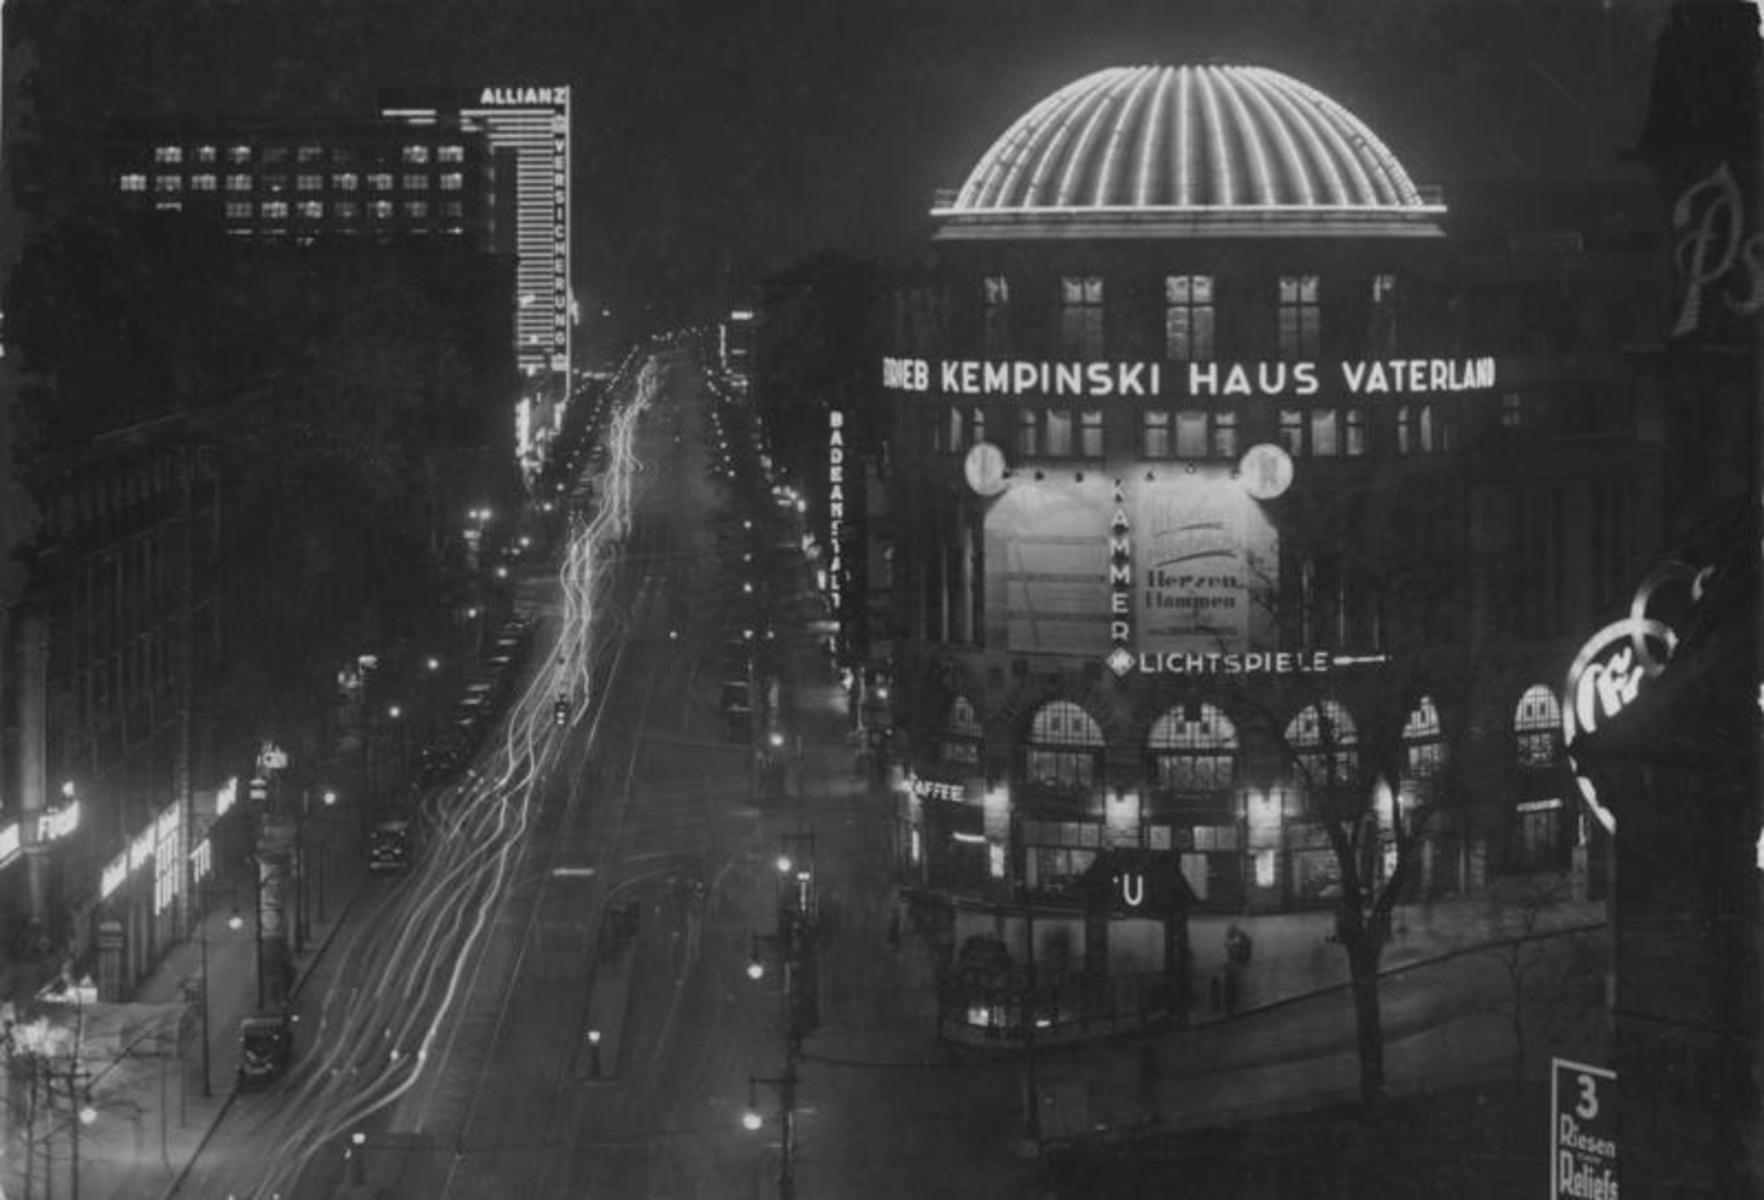 Stresemannstrasse Bei Nacht Juli 1932 Bilder Berlin Bundesarchiv Bild